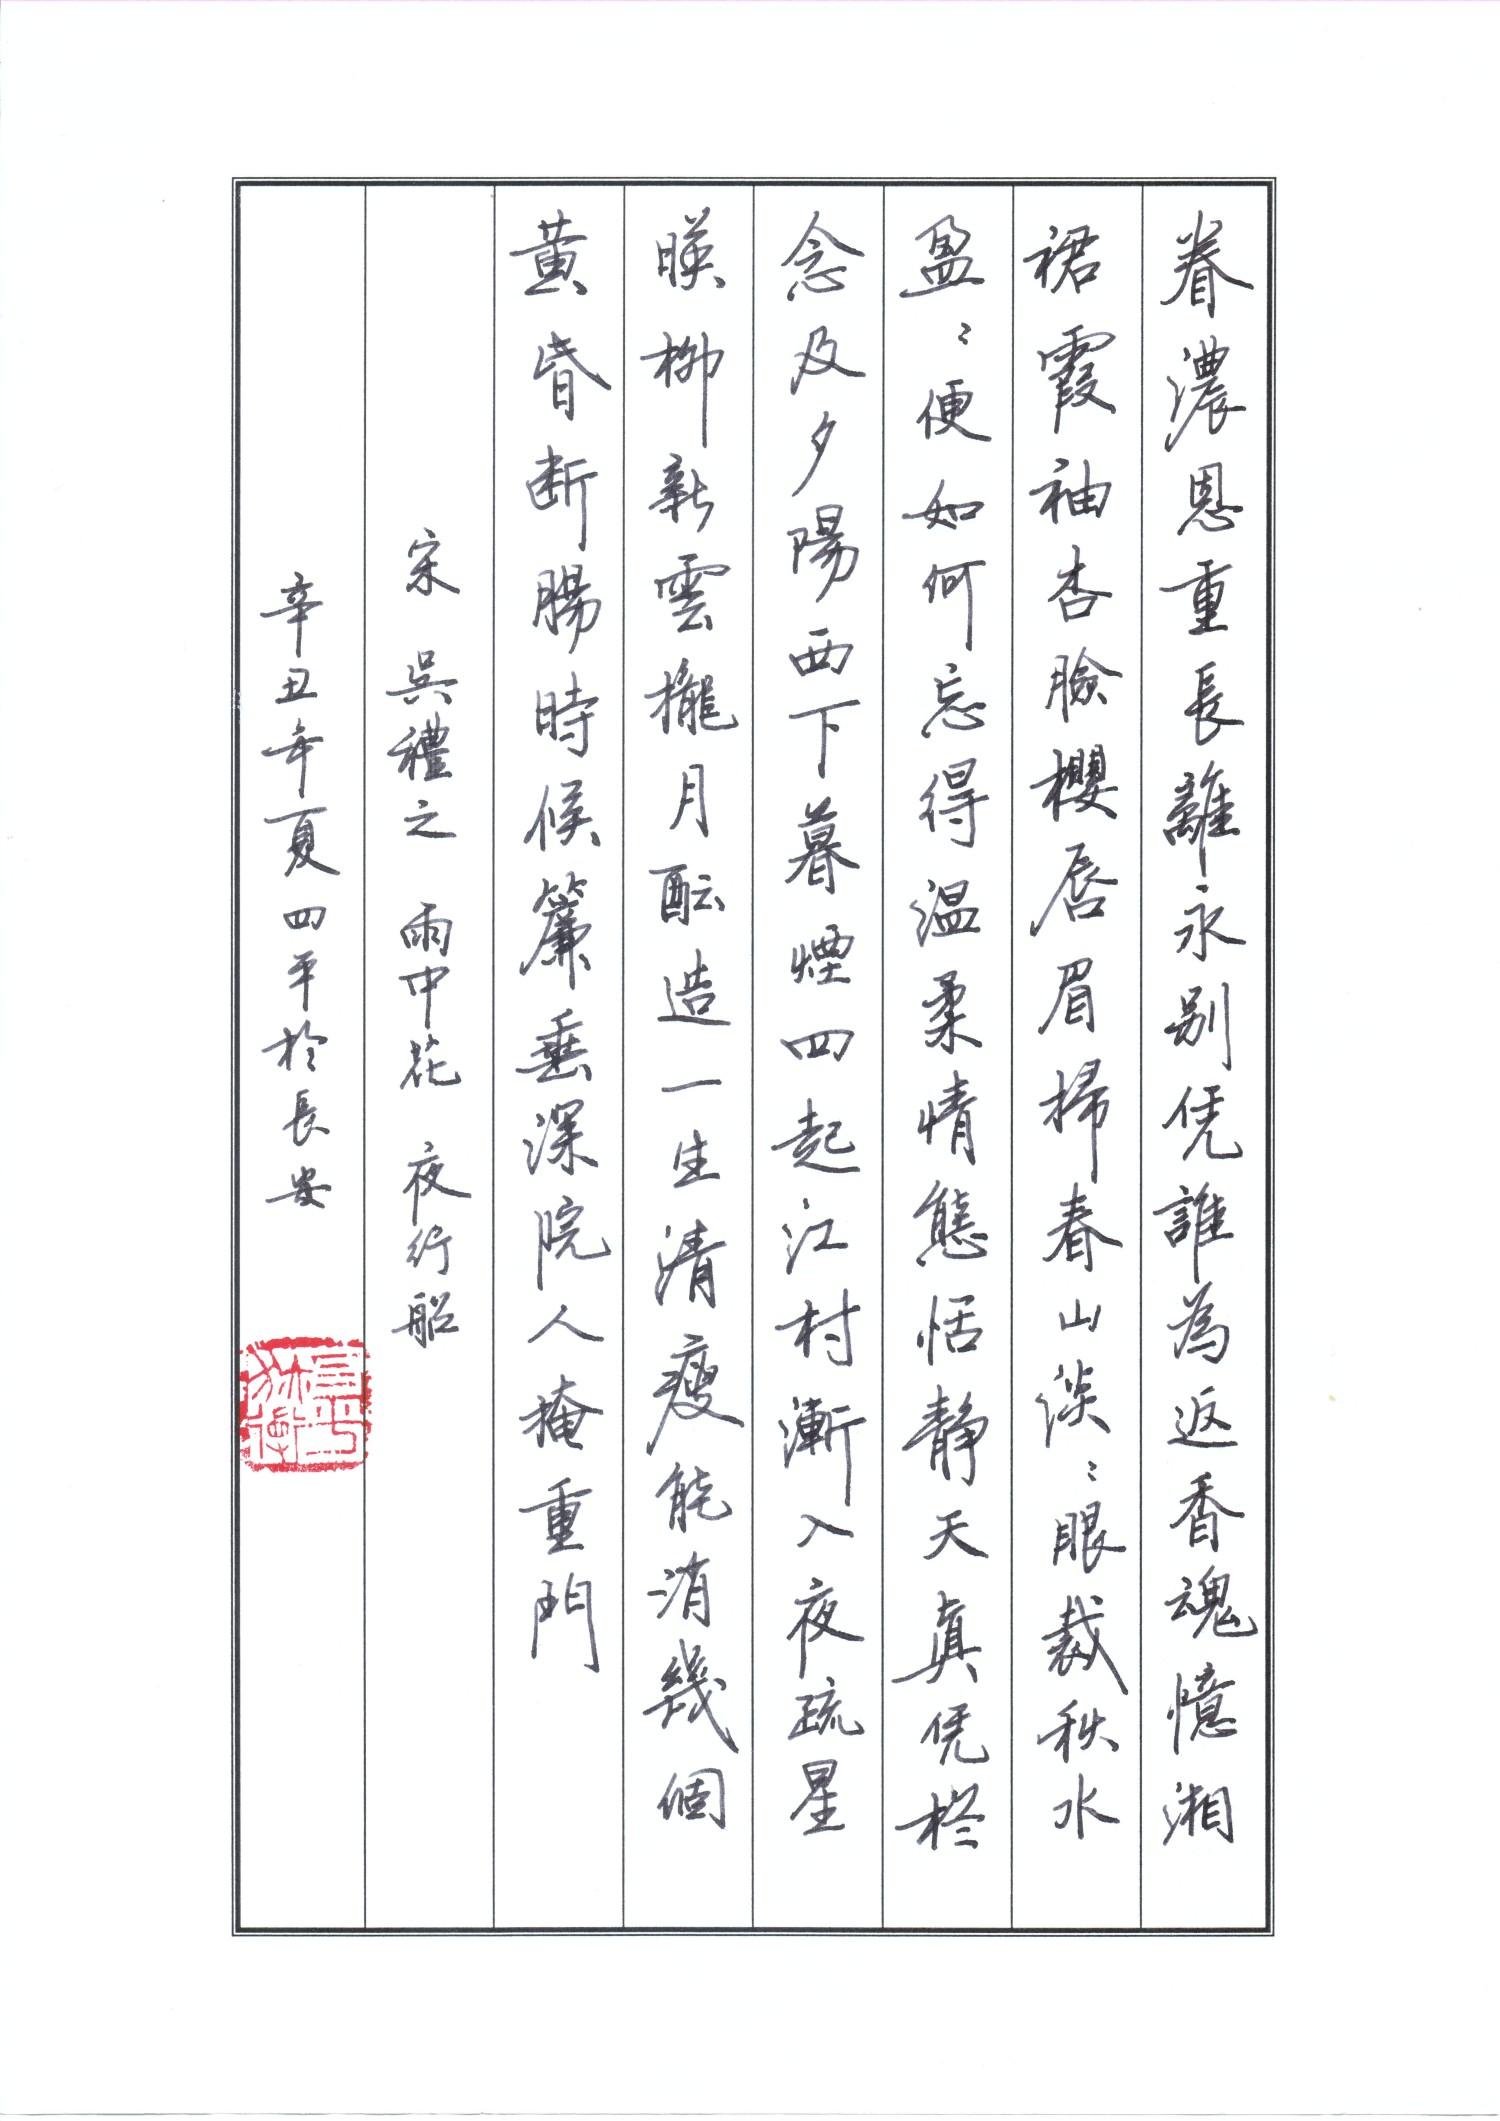 钢笔书法练字打卡20210518-31